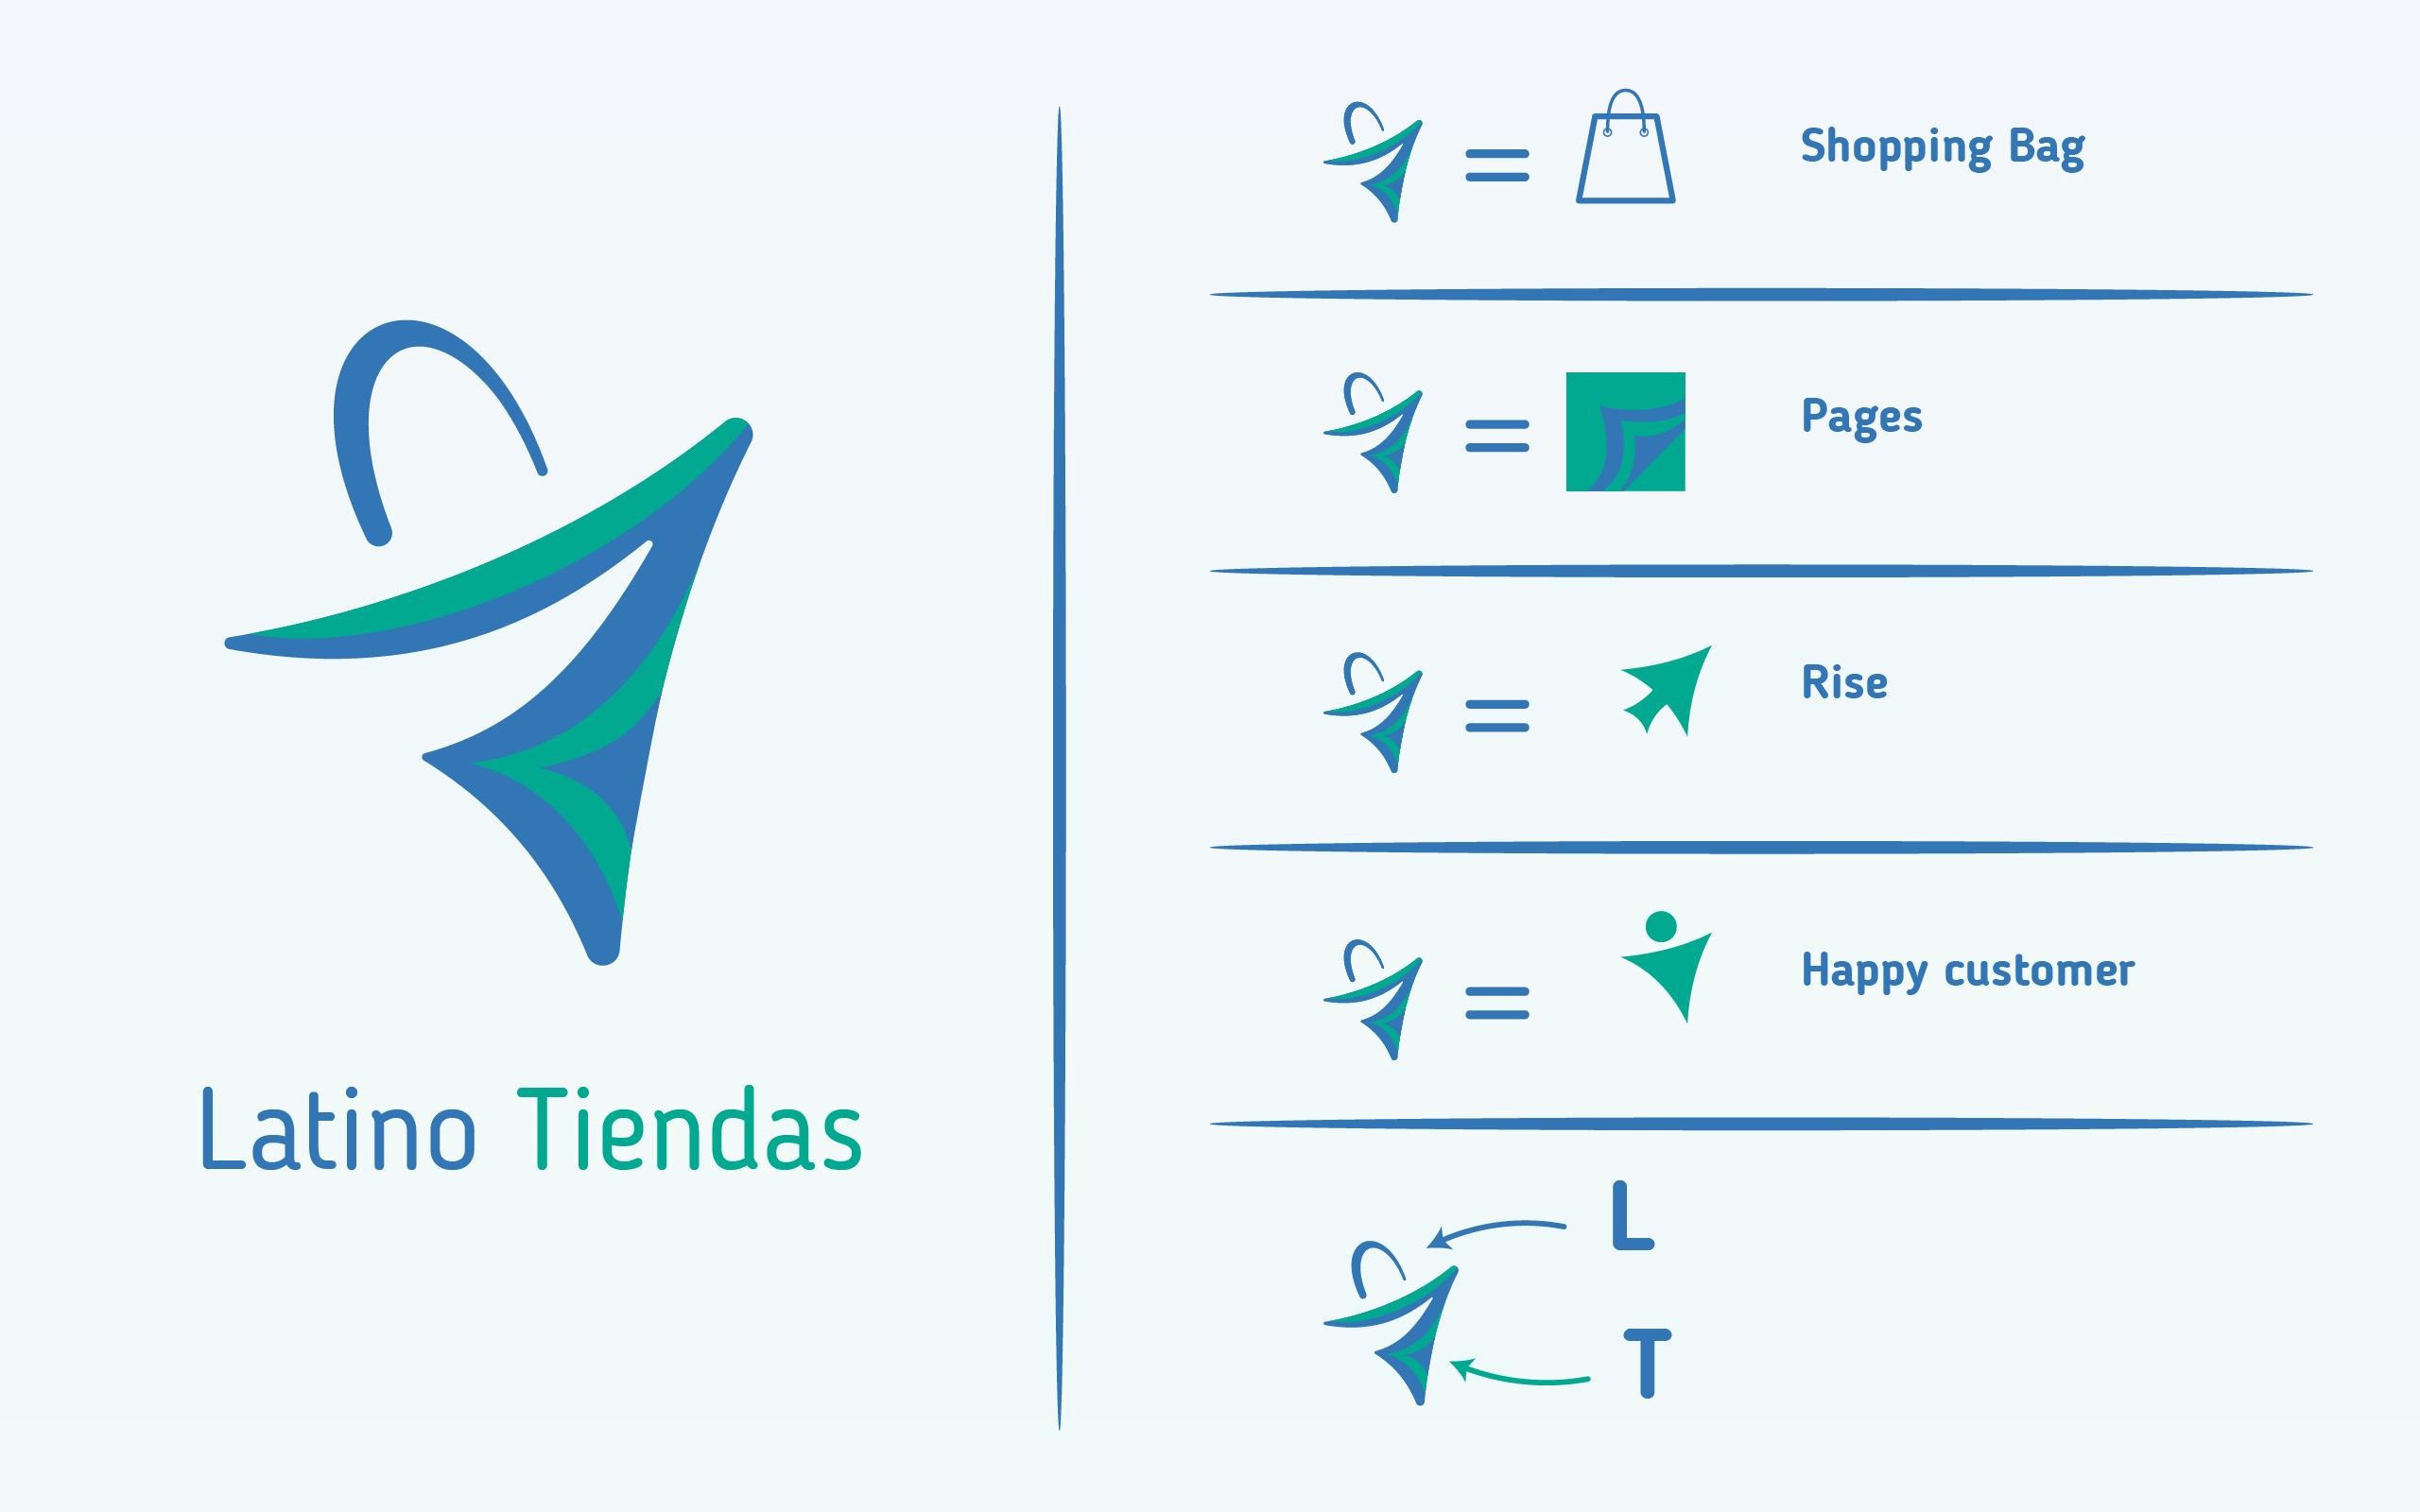 Modern Upmarket Ecommerce Logo Design For Latinotiendas By Reemgd Design 24705530